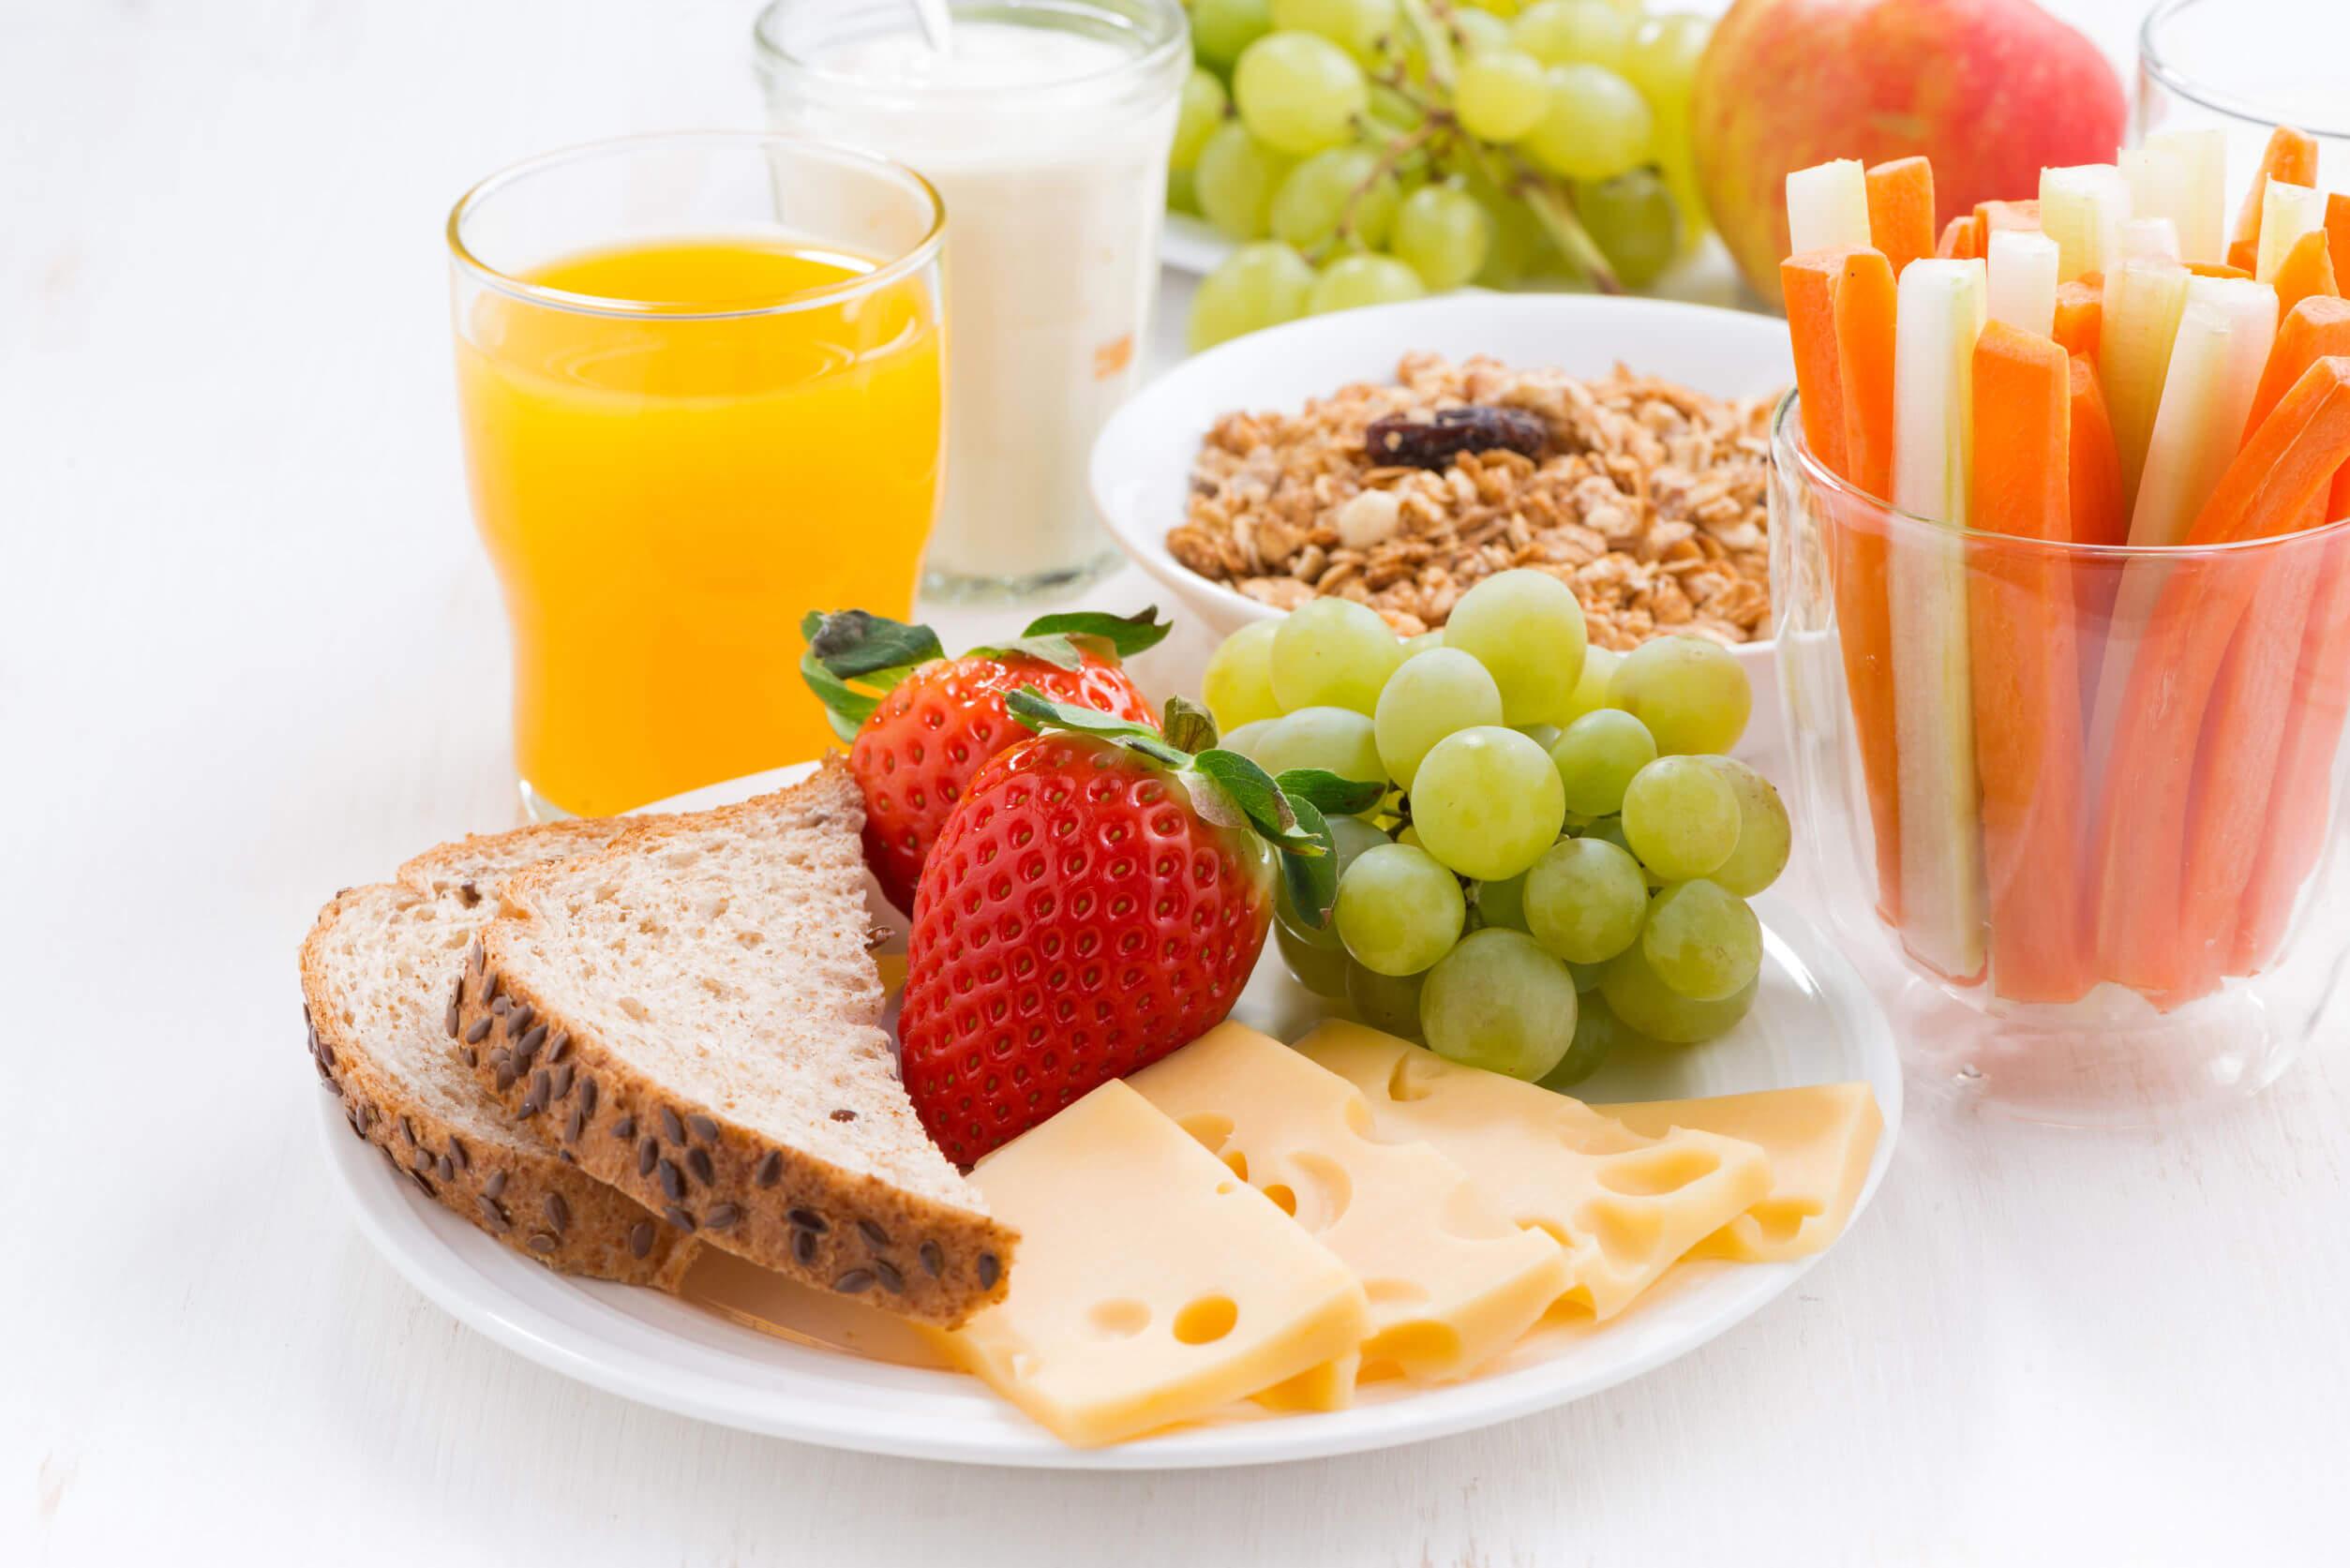 La celulitis puede prevenirse comiendo de forma saludable.